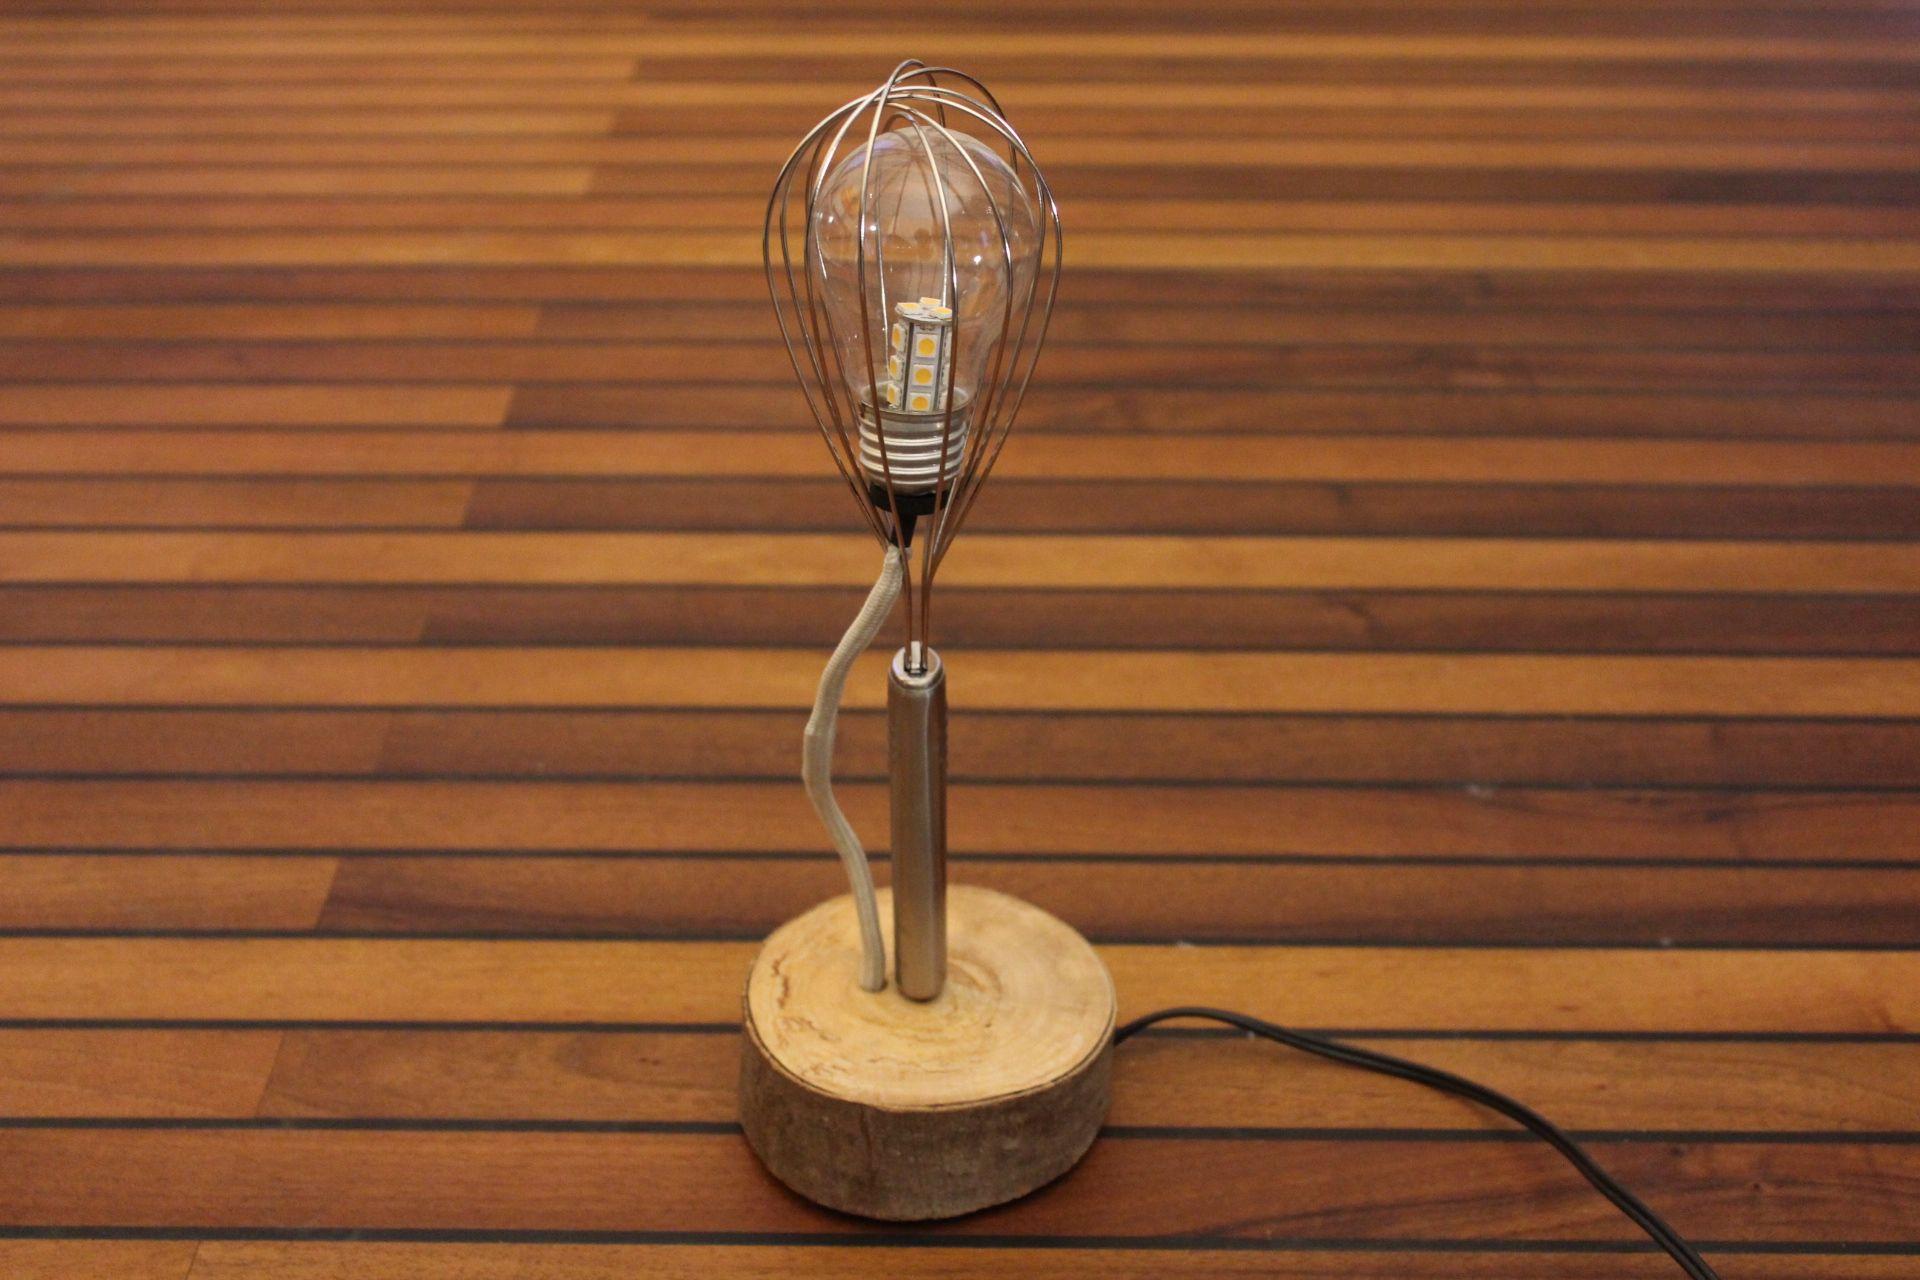 lampen selbst gebaut aus weggeworfenem material leuchten aus veloteilen autoteilen und. Black Bedroom Furniture Sets. Home Design Ideas